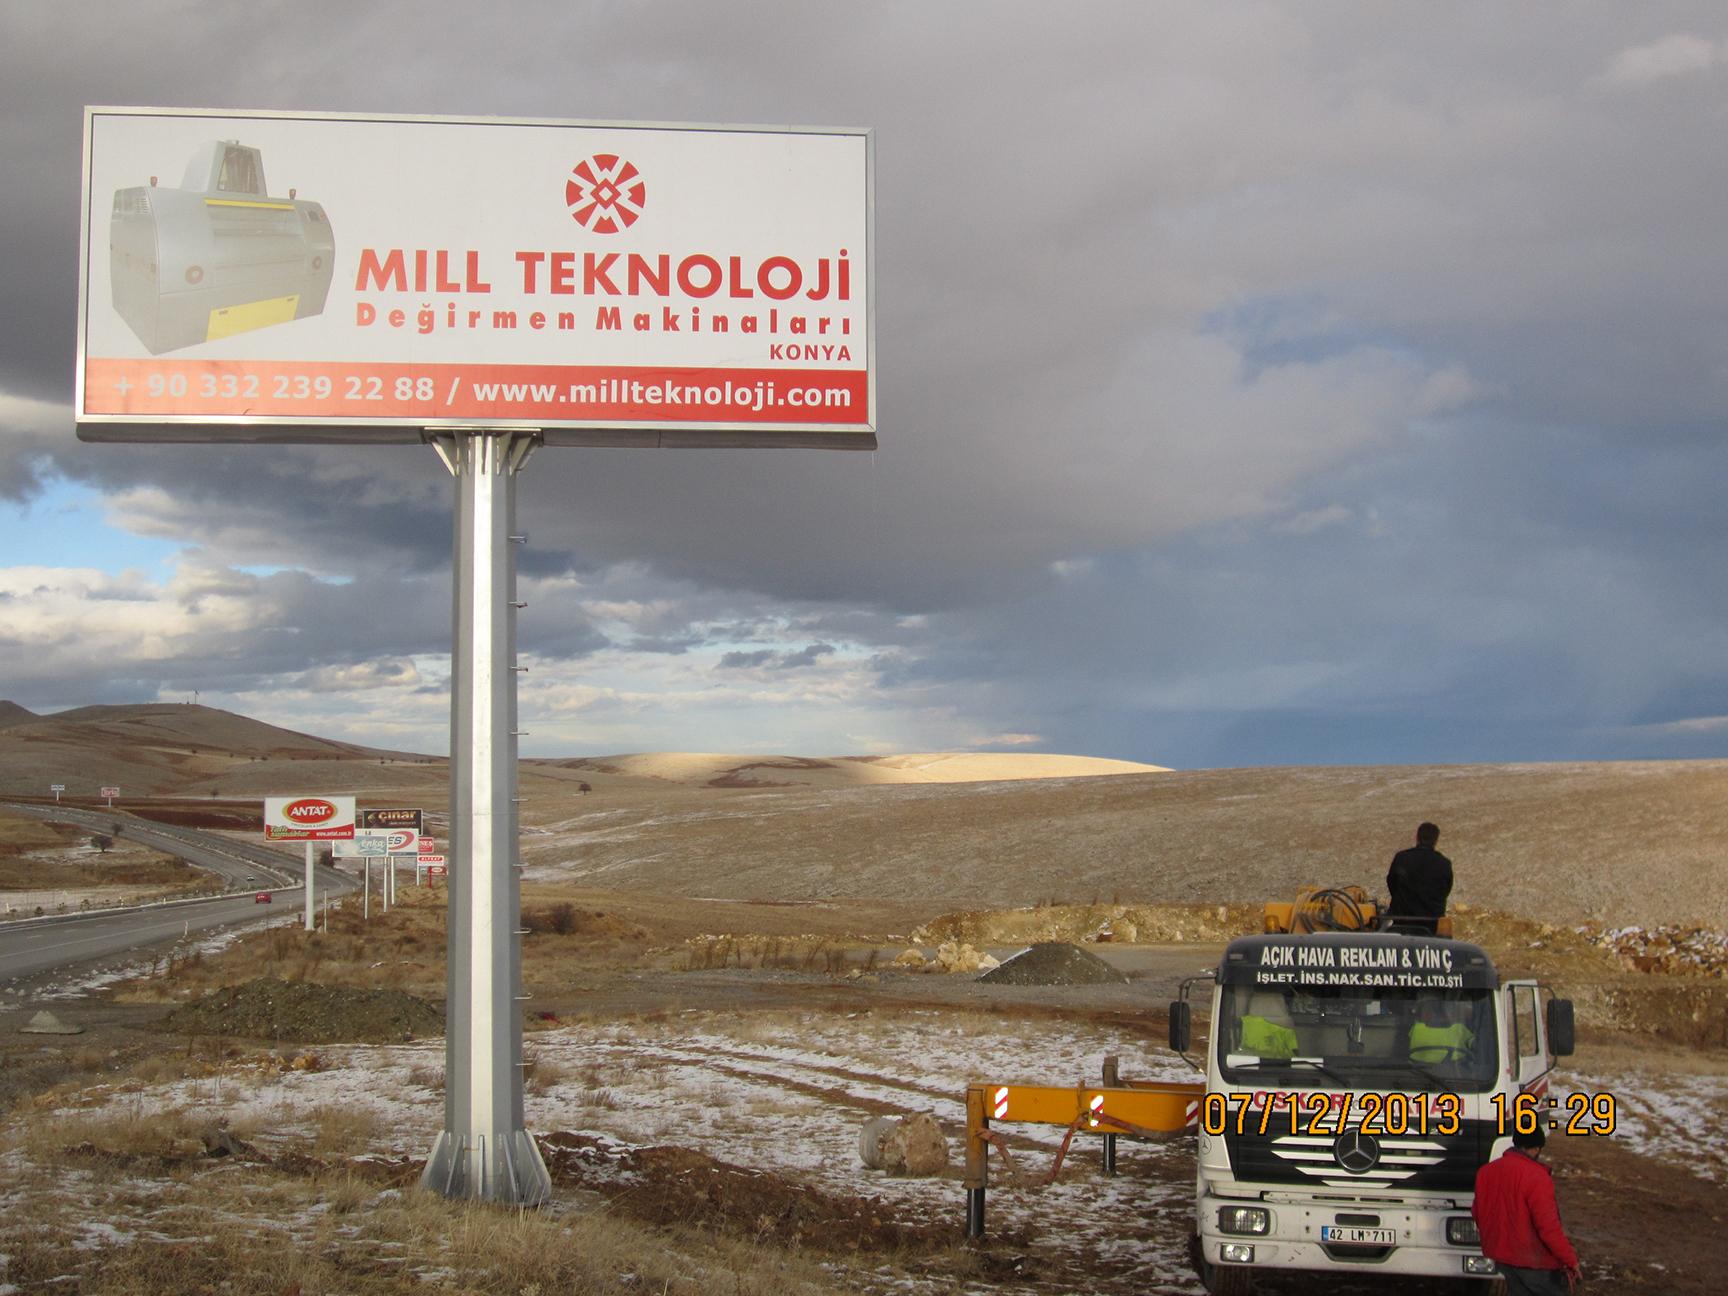 MILL TEKNOLOJİ_1